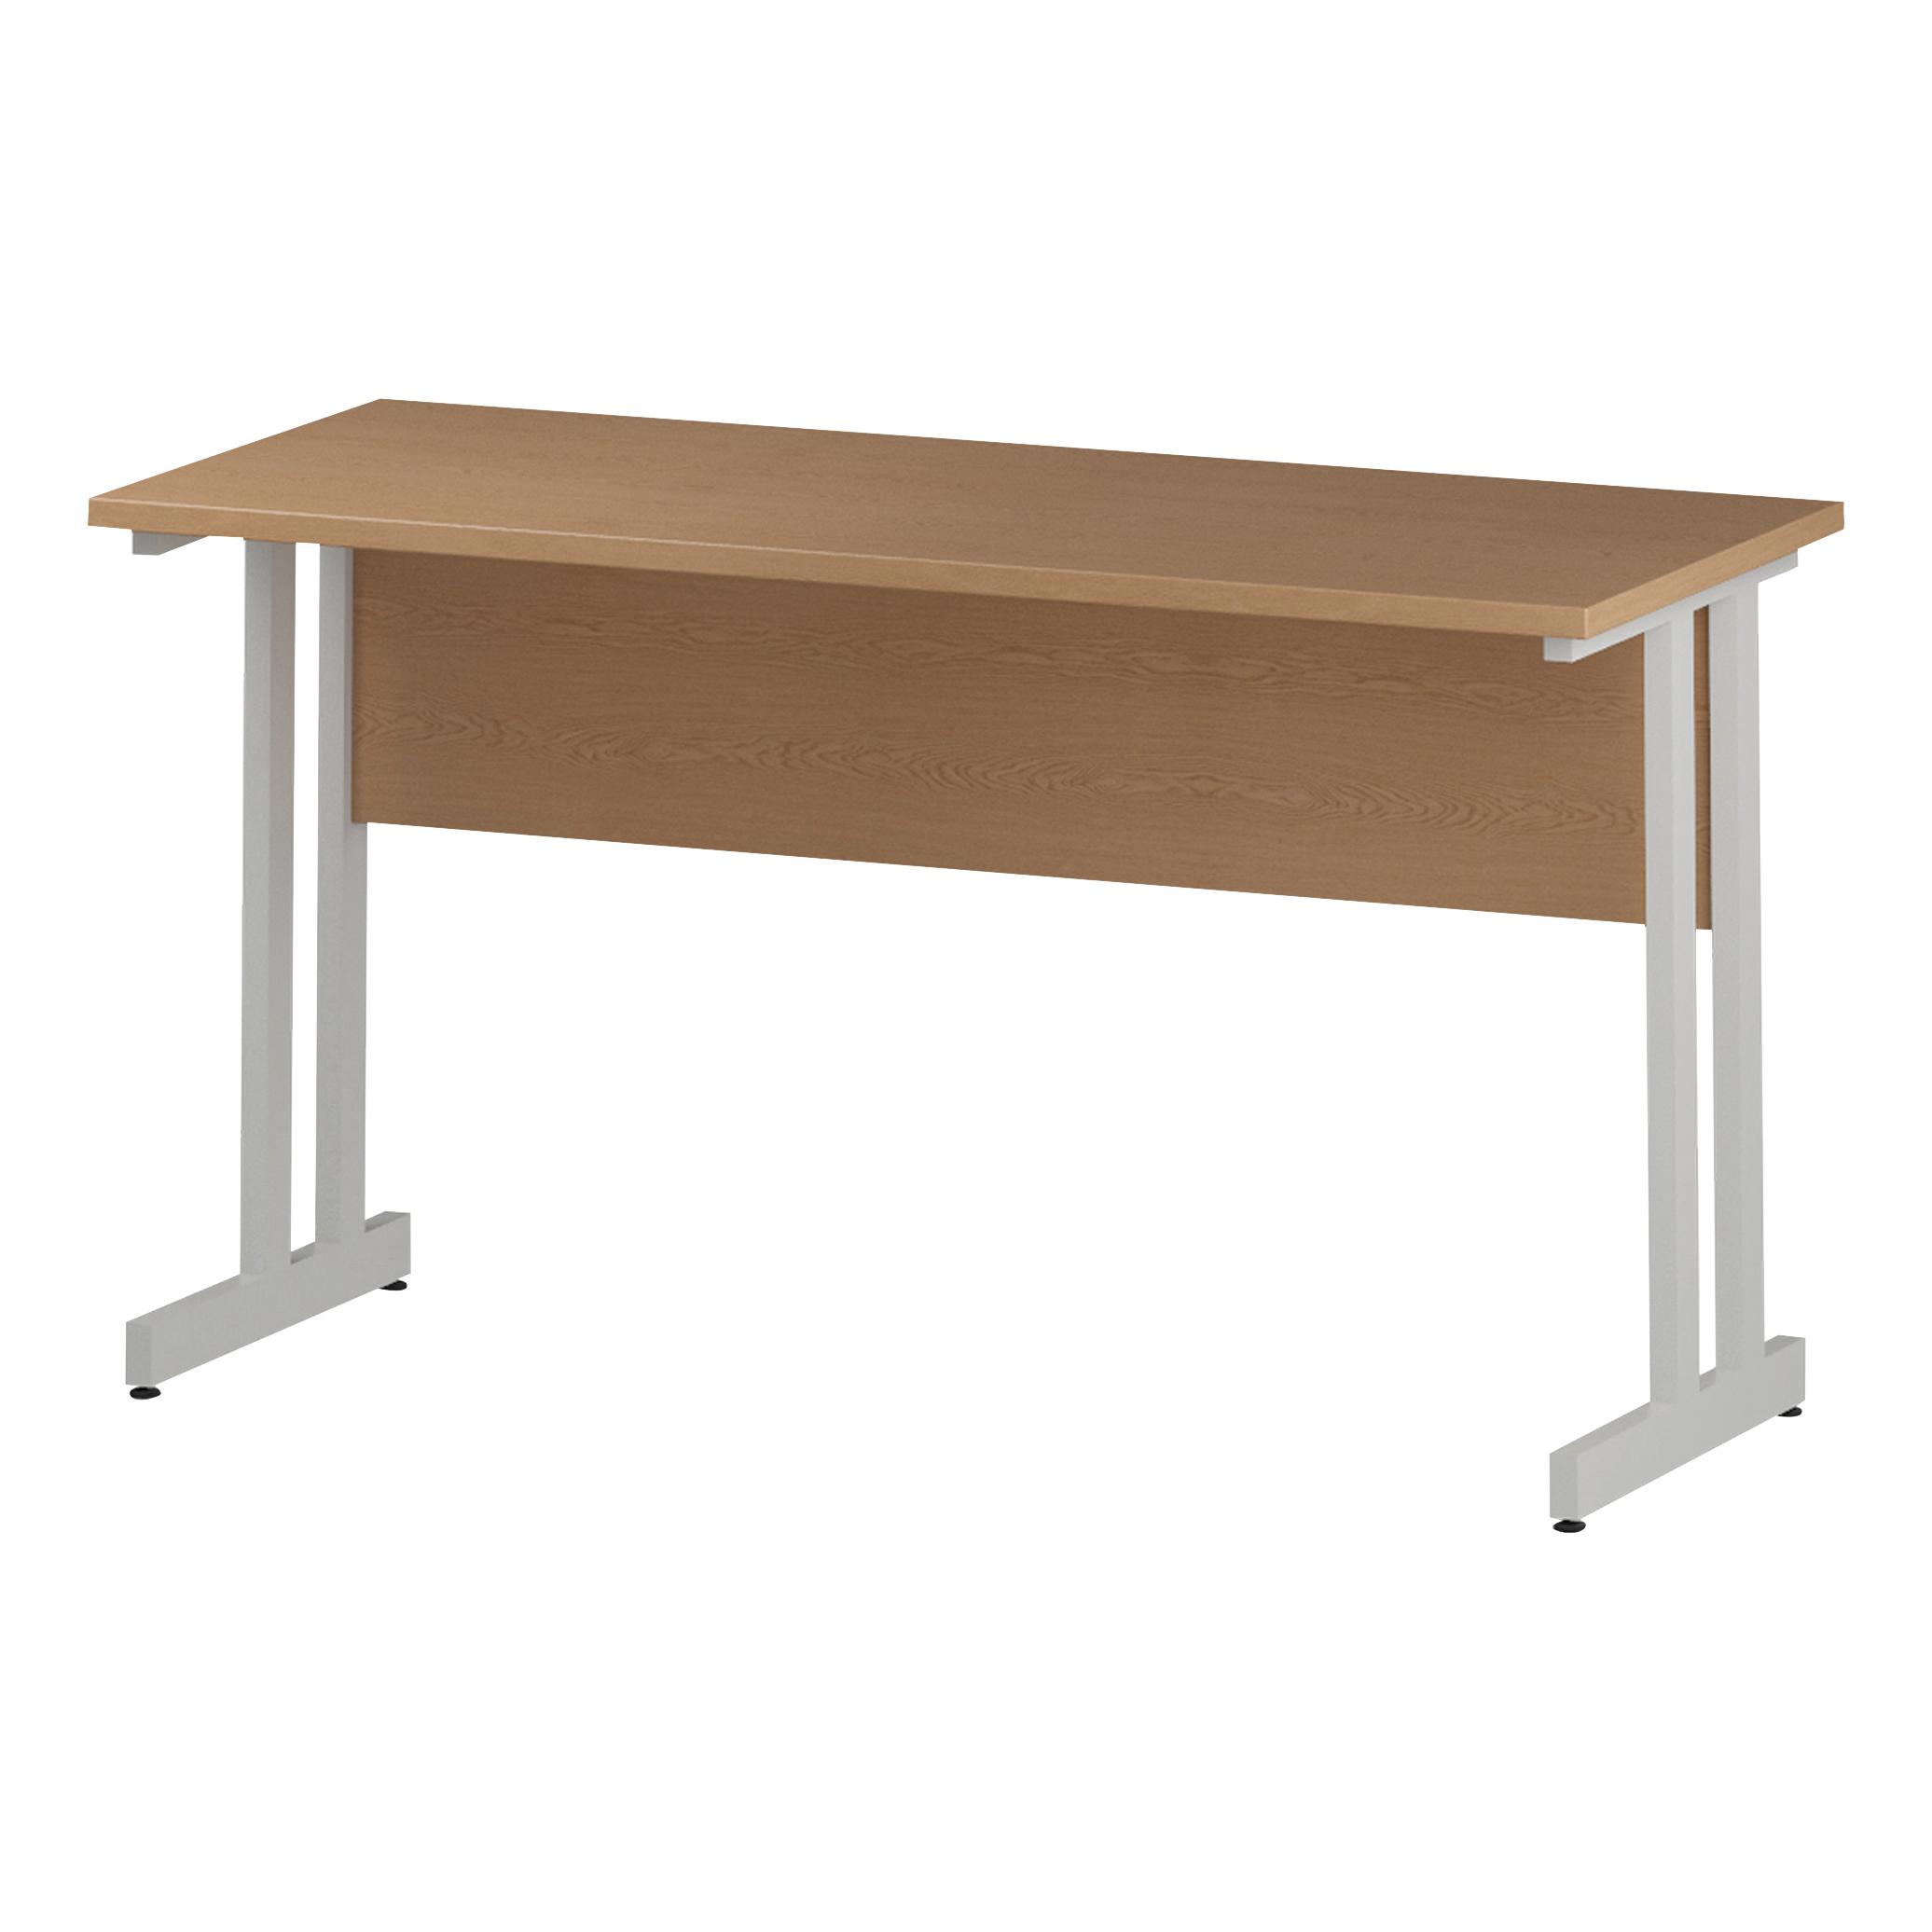 Trexus Rectangular Slim Desk White Cantilever Leg 1400x600mm Oak Ref I002654